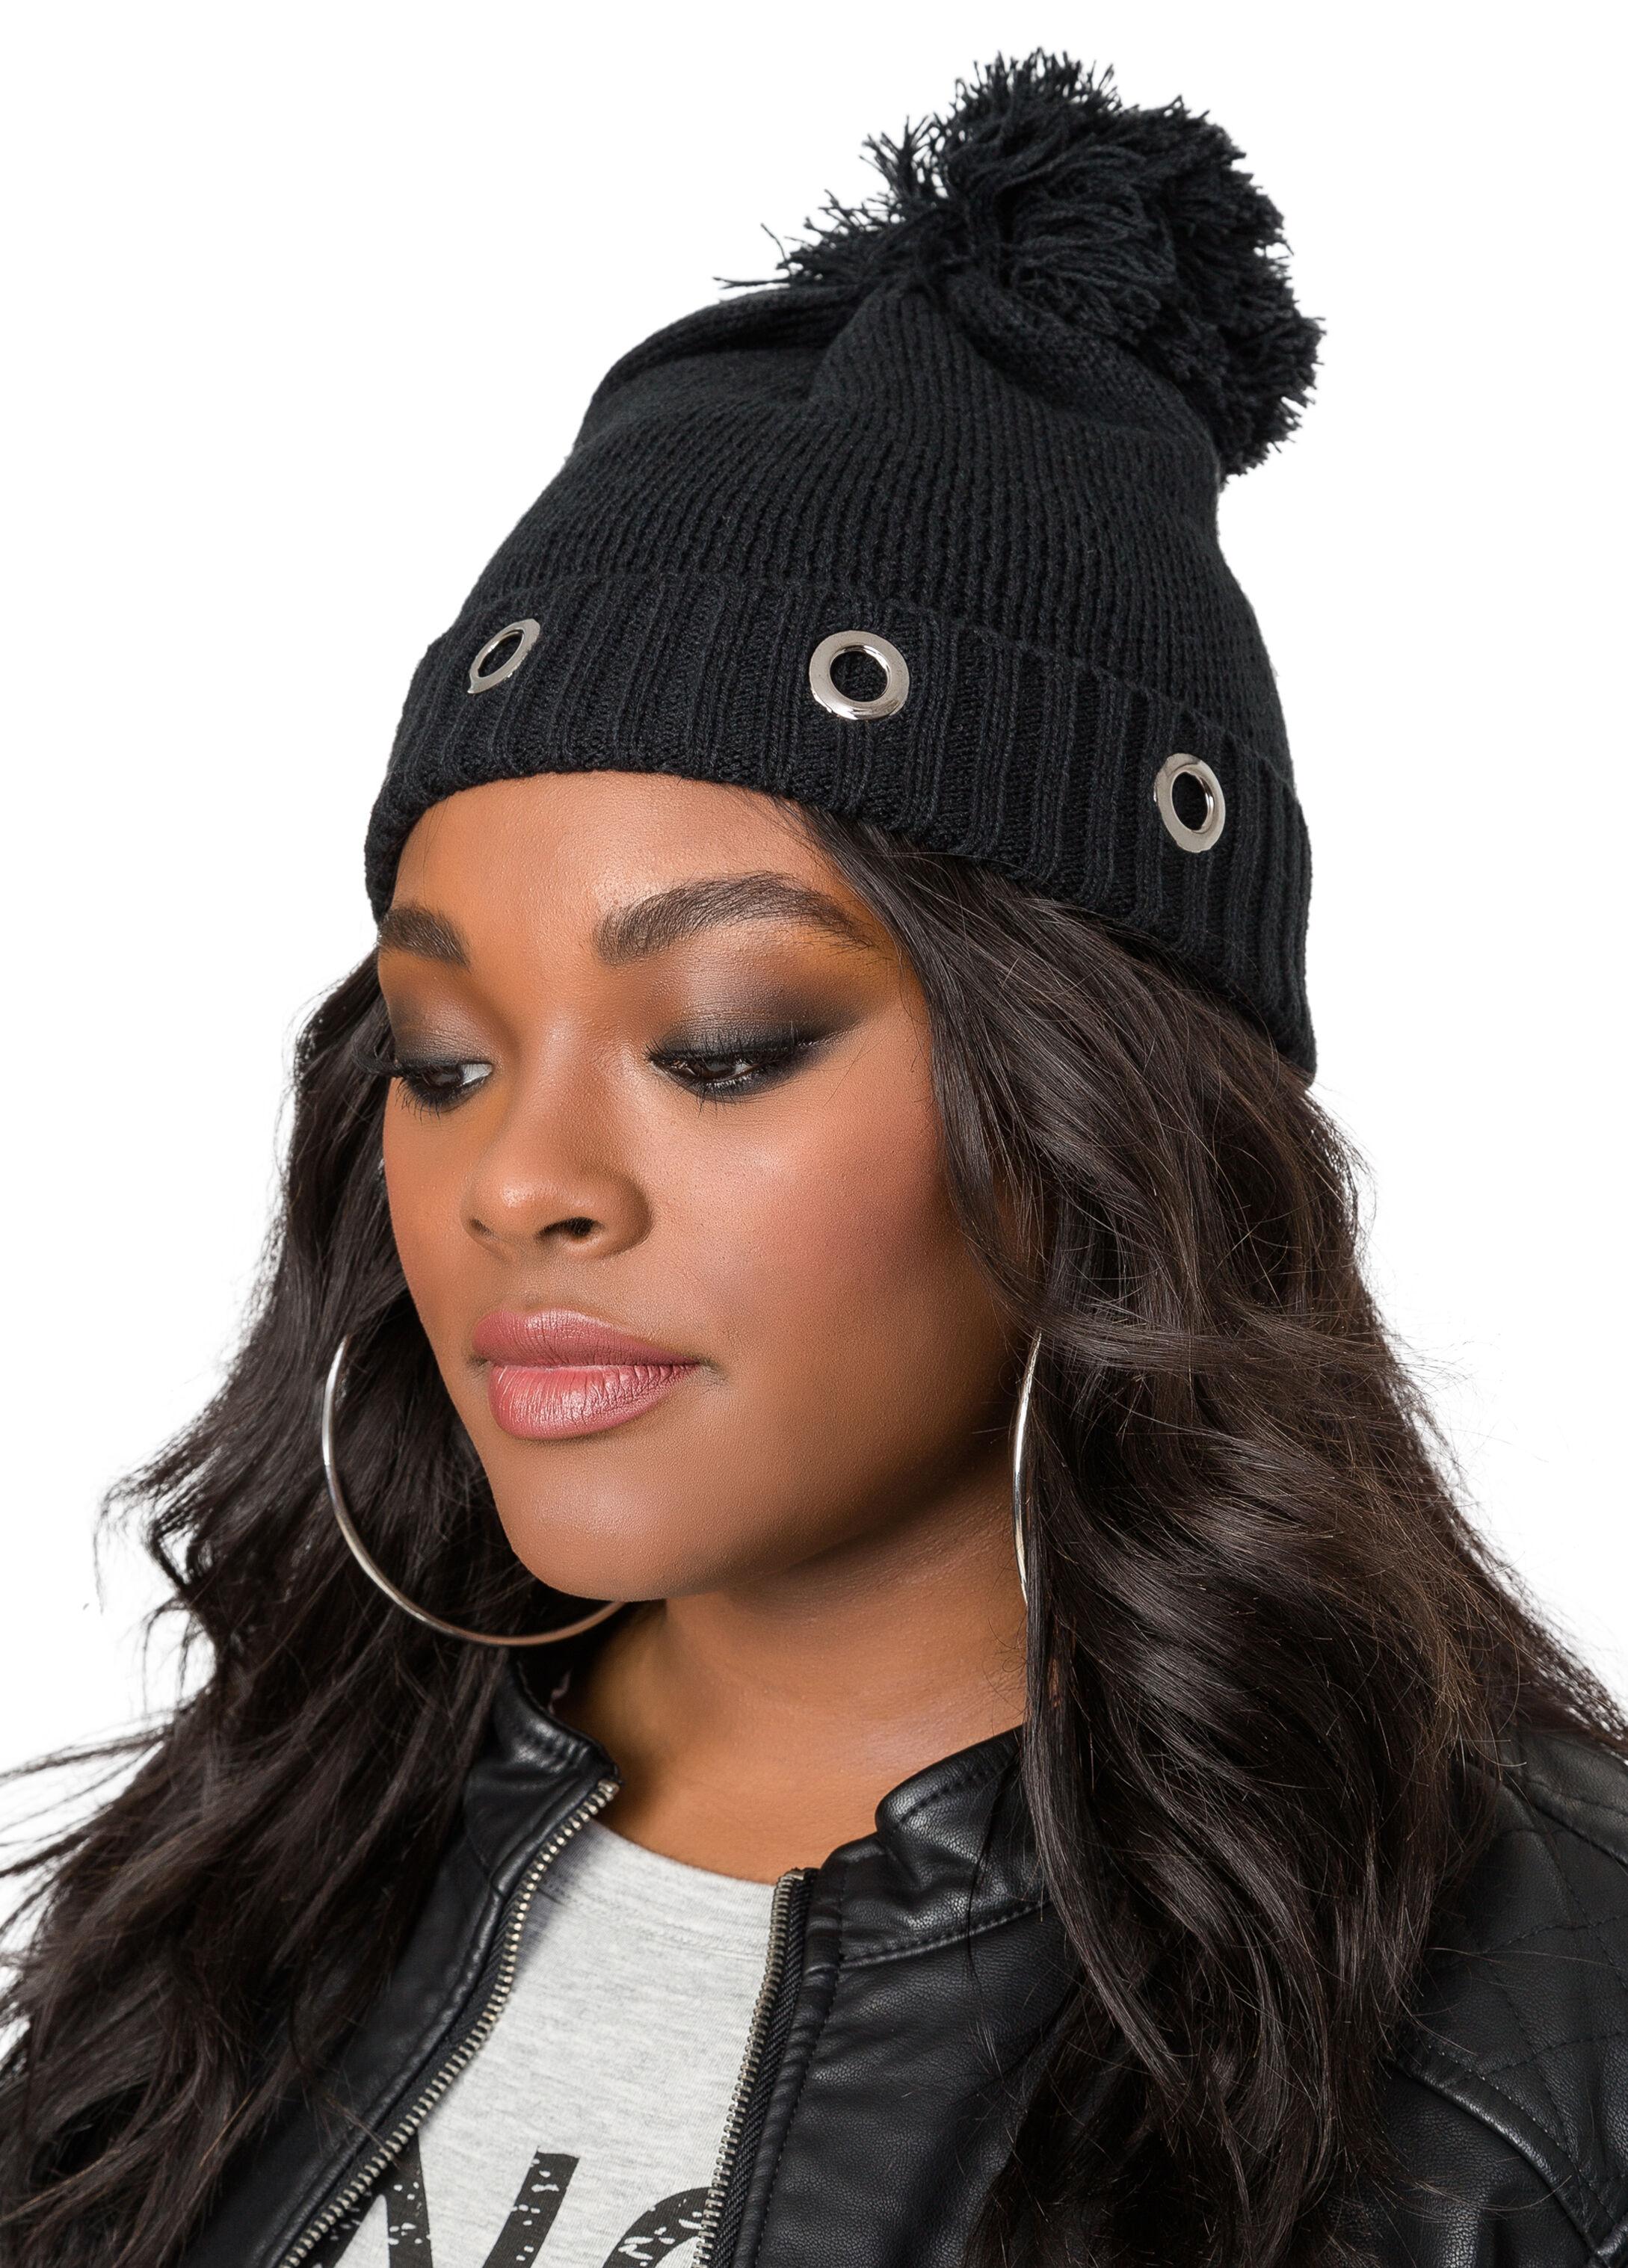 Grommet Cuff Beanie Hat